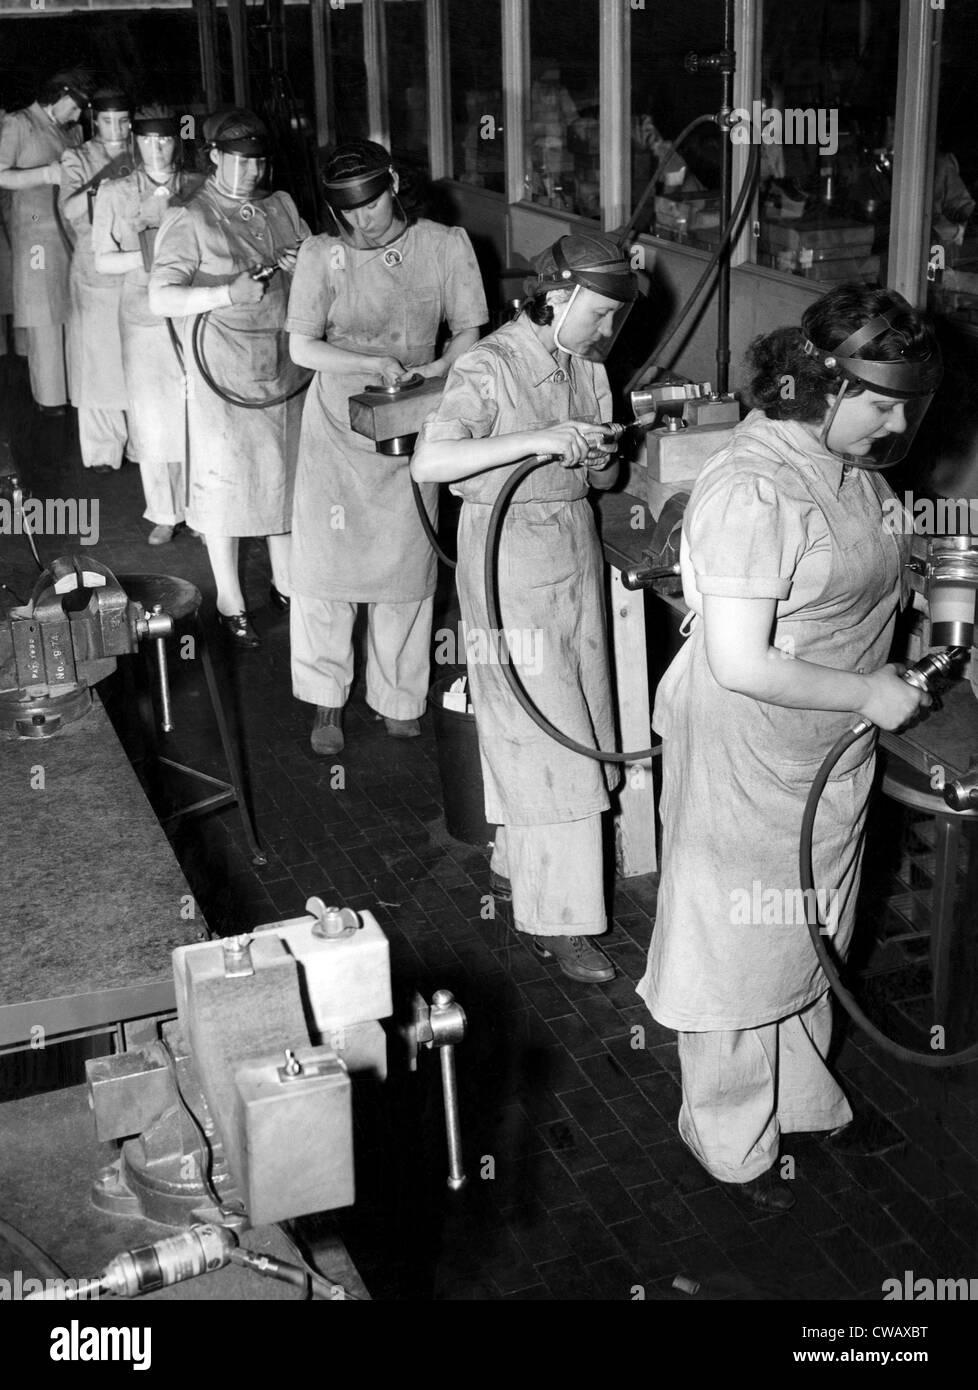 Las mujeres tenían 'señores' de puestos de trabajo durante la Segunda Guerra Mundial. Aquí Imagen De Stock